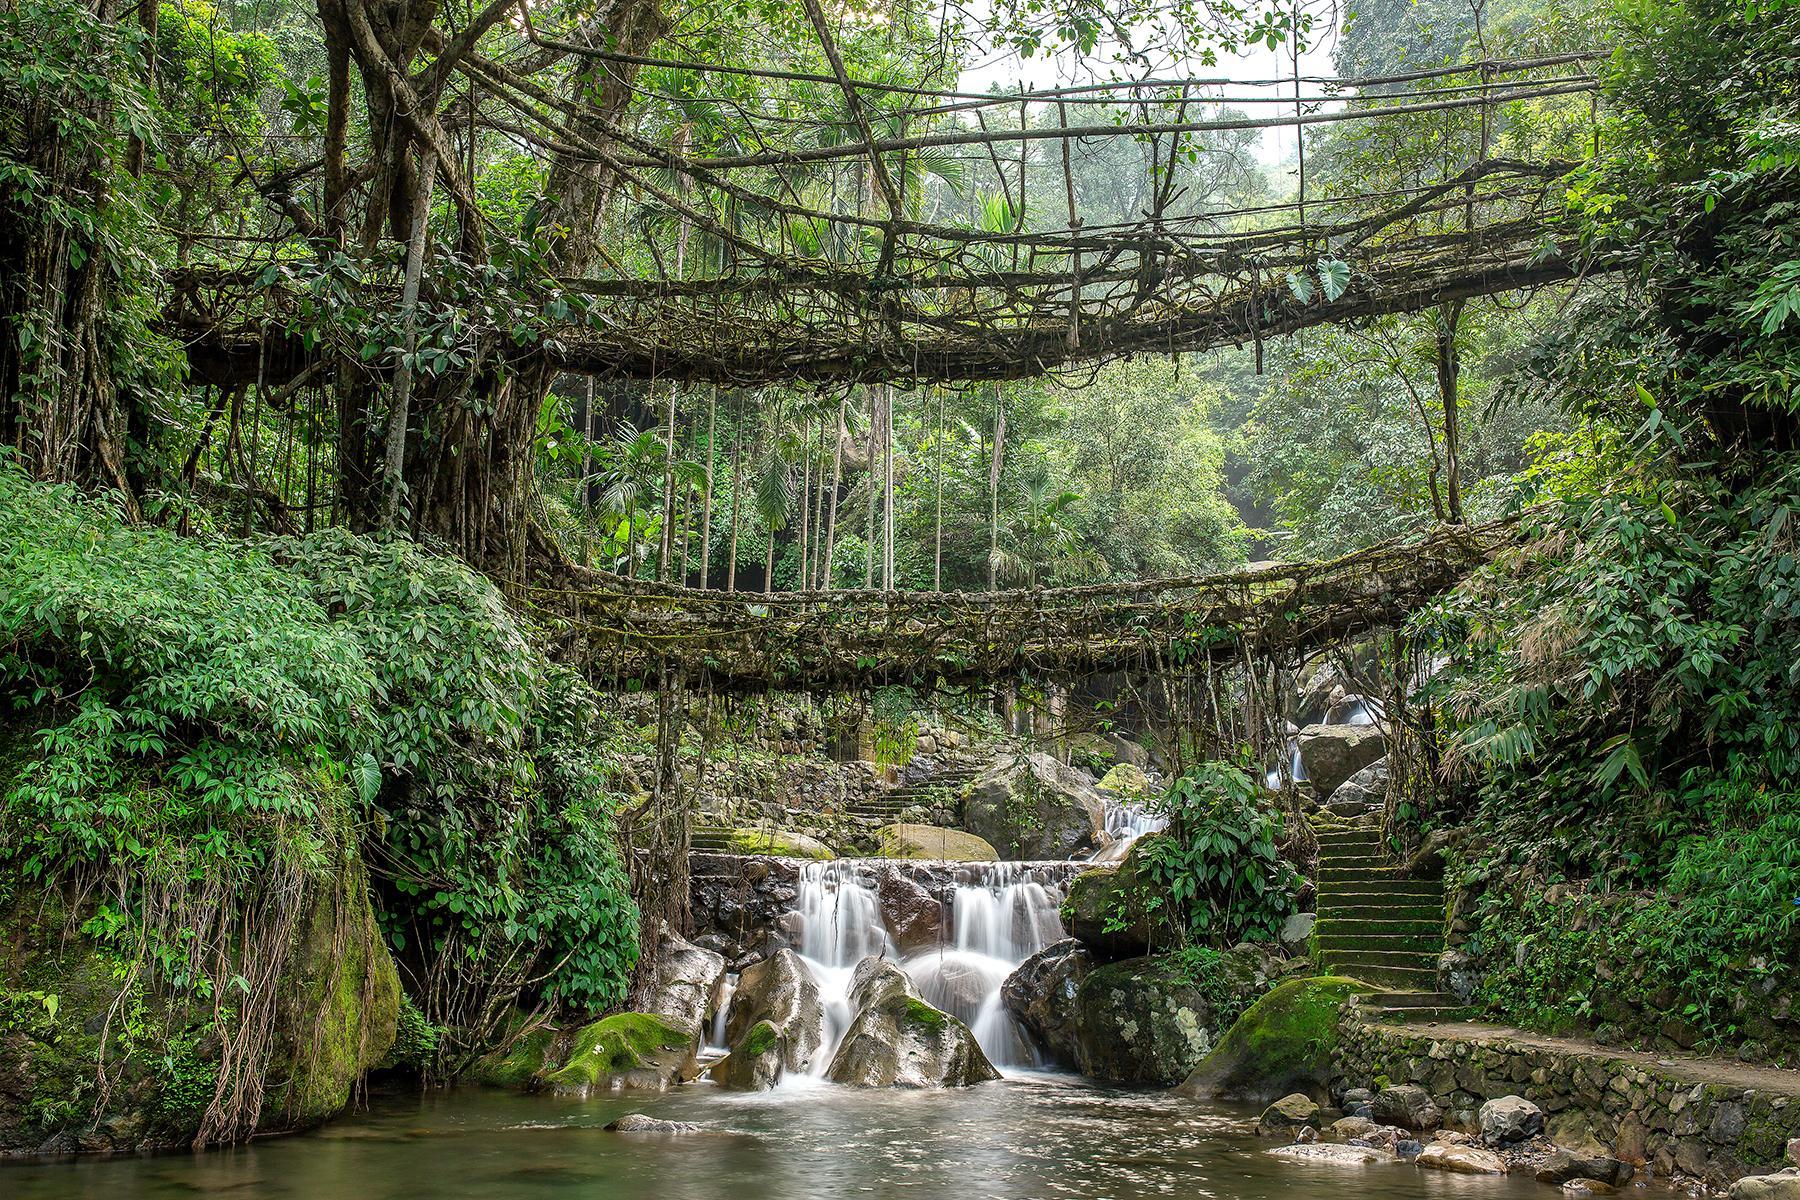 01-India-Adventures-In-Meghalaya-Crossing-ADouble-Decker-Living-Root-Bridge-1-shutterstock-106940883